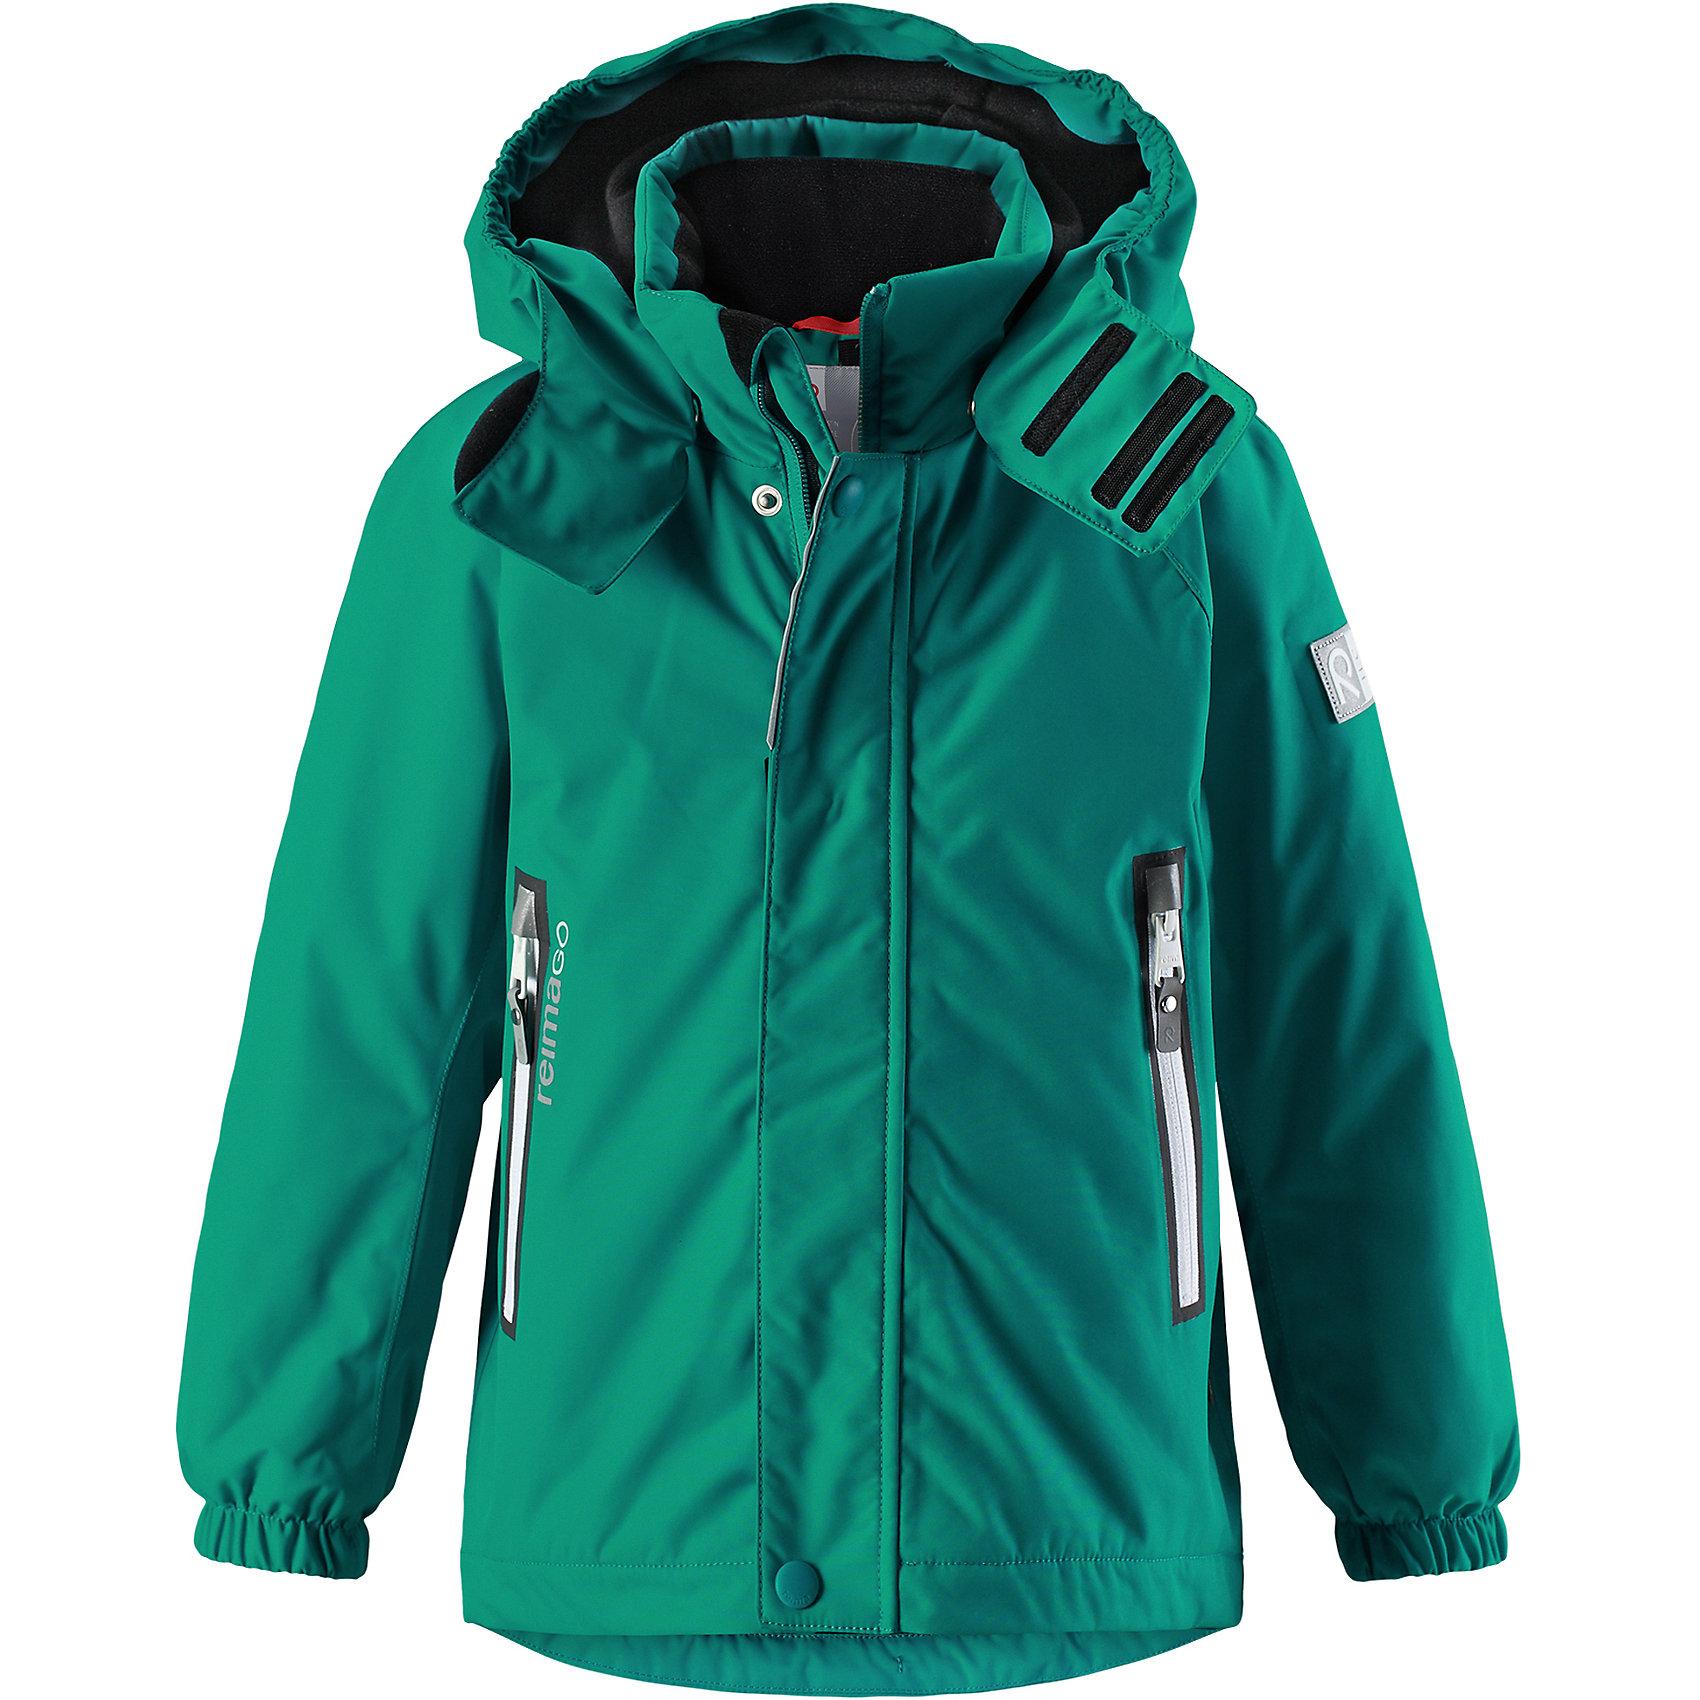 Куртка Chant Reimatec® ReimaЗимние куртки<br>Характеристики товара:<br><br>• цвет: зеленый;<br>• состав: 100% полиэстер;<br>• утеплитель: 160 г/м2;<br>• сезон: зима;<br>• температурный режим: от 0 до -20С;<br>• водонепроницаемость: 15000 мм;<br>• воздухопроницаемость: 7000 мм;<br>• износостойкость: 40000 циклов (тест Мартиндейла);<br>• водо и ветронепроницаемый, дышащий и грязеотталкивающий материал;<br>• все швы проклеены и водонепроницаемы;<br>• безопасный съемный  и регулируемый капюшон на кнопках;<br>• застежка: молния с дополнительной планкой на кнопках;<br>• защита подбородка от защемления;<br>• гладкая подкладка из полиэстера;<br>• эластичные манжеты;<br>• регулируемый подол;<br>• внутренний нагрудный карман;<br>• два кармана на молнии;<br>• карман с креплением для сенсора ReimaGO®;<br>• светоотражающие элементы;<br>• система кнопок Play Layers® к этой куртке можно присоединять одежду промежуточного слоя Reima®;<br>• страна бренда: Финляндия;<br>• страна производства: Китай.<br><br>Зимняя куртка Reimatec® изготовлена из водо и ветронепроницаемого, дышащего материала, который эффективно отталкивает грязь. Все швы проклеены, водонепроницаемы. В этой куртке прямого покроя подол при необходимости легко регулируется, что позволяет подогнать куртку точно по фигуре. <br><br>Съемный и регулируемый капюшон защищает от пронизывающего ветра и проливного дождя, а еще он безопасен во время игр на свежем воздухе. В куртке предусмотрены два кармана на молнии, внутренний нагрудный карман, карман для сенсора ReimaGO® и множество светоотражающих деталей. Эта куртка очень проста в уходе, кроме того, ее можно сушить в стиральной машине.<br><br>Куртка Chant Reimatec® Reima можно купить в нашем интернет-магазине.<br><br>Ширина мм: 356<br>Глубина мм: 10<br>Высота мм: 245<br>Вес г: 519<br>Цвет: зеленый<br>Возраст от месяцев: 108<br>Возраст до месяцев: 120<br>Пол: Унисекс<br>Возраст: Детский<br>Размер: 140,104,110,116,122,128,134<br>SKU: 6901225